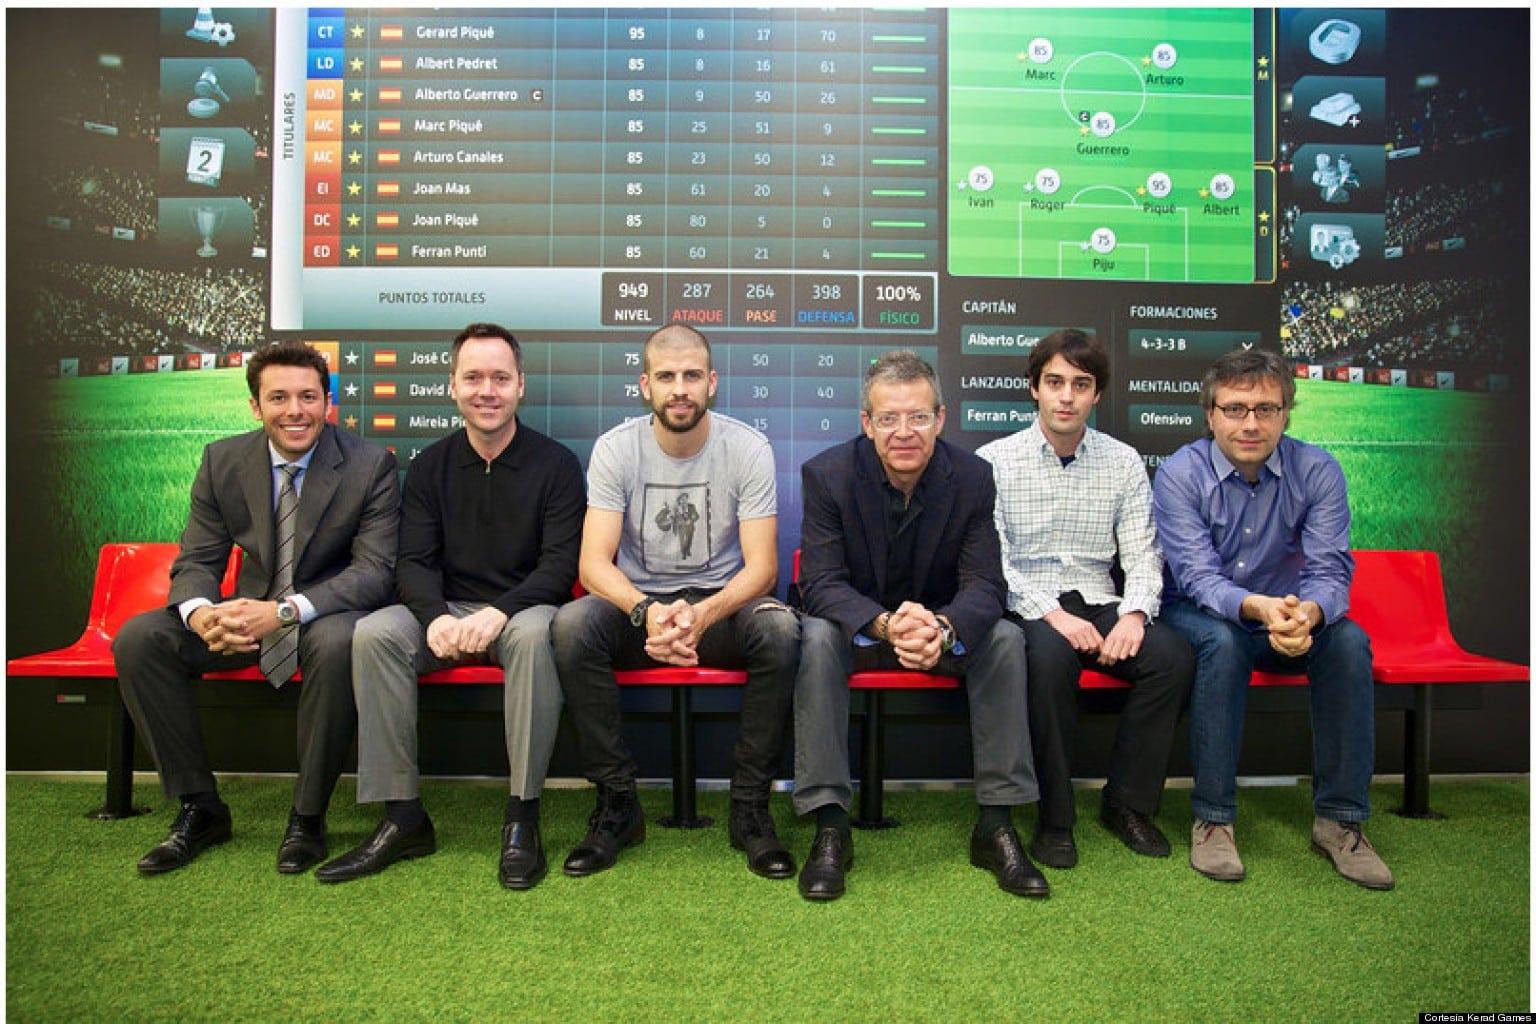 Los curiosos negocios de Gerard Piqué fuera del fútbol